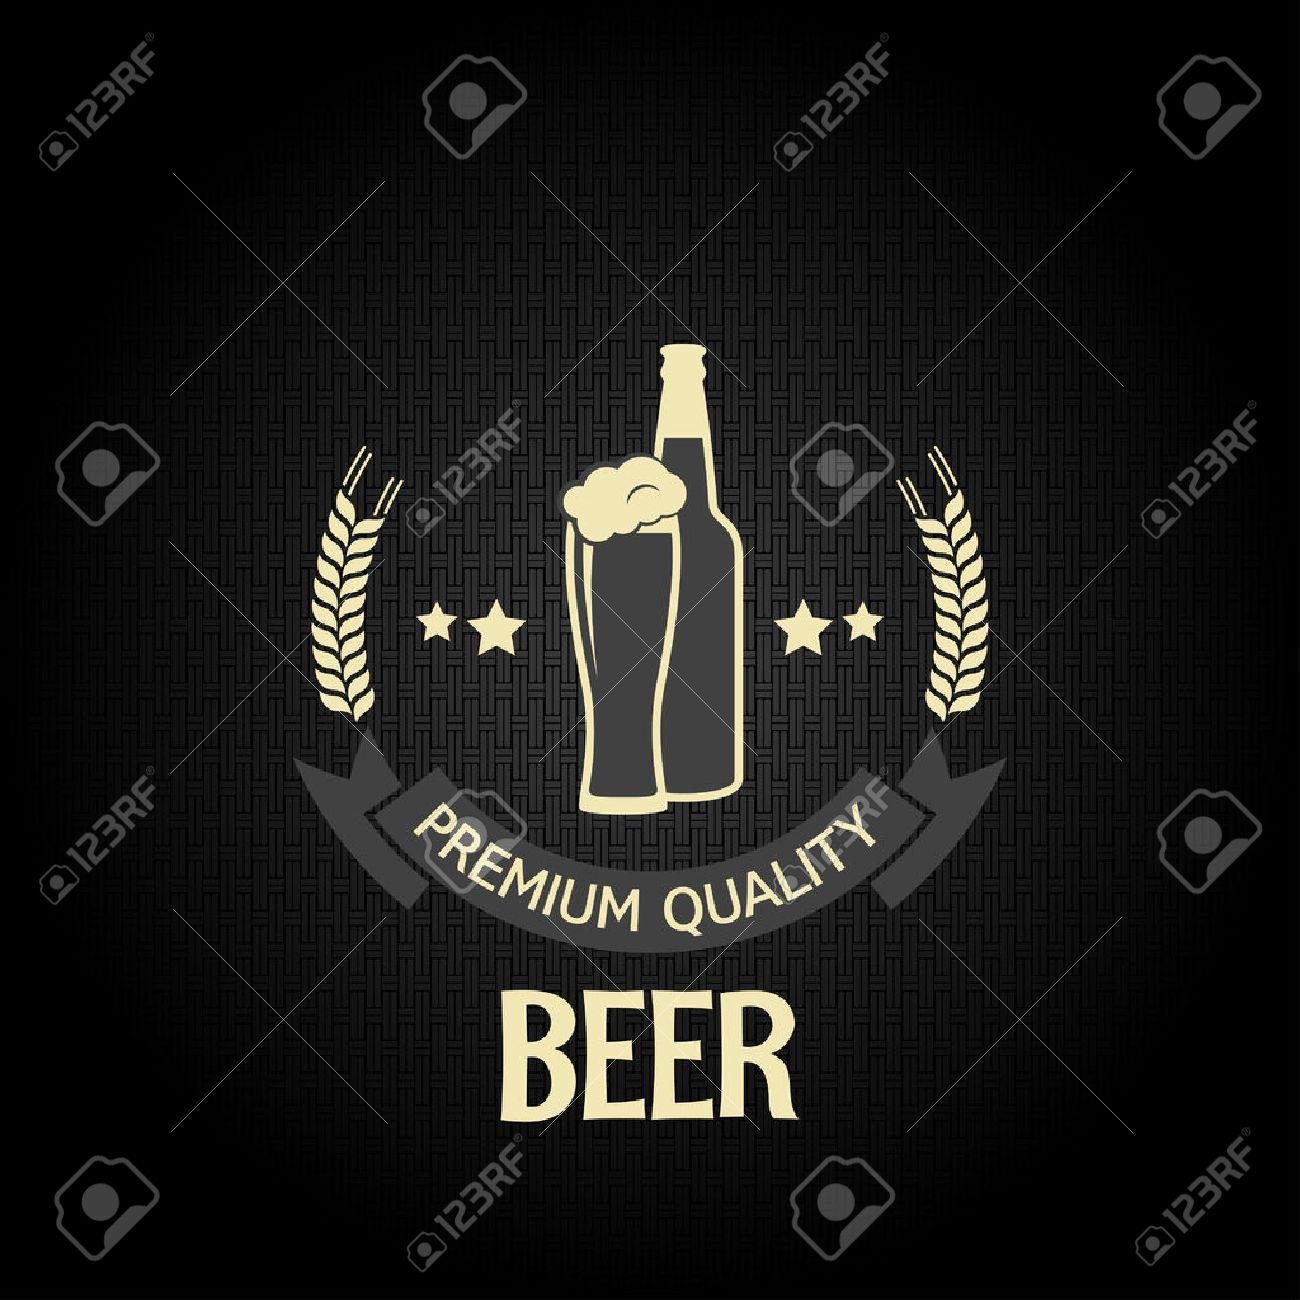 beer glass bottle barley design menu background Stock Vector - 24028943